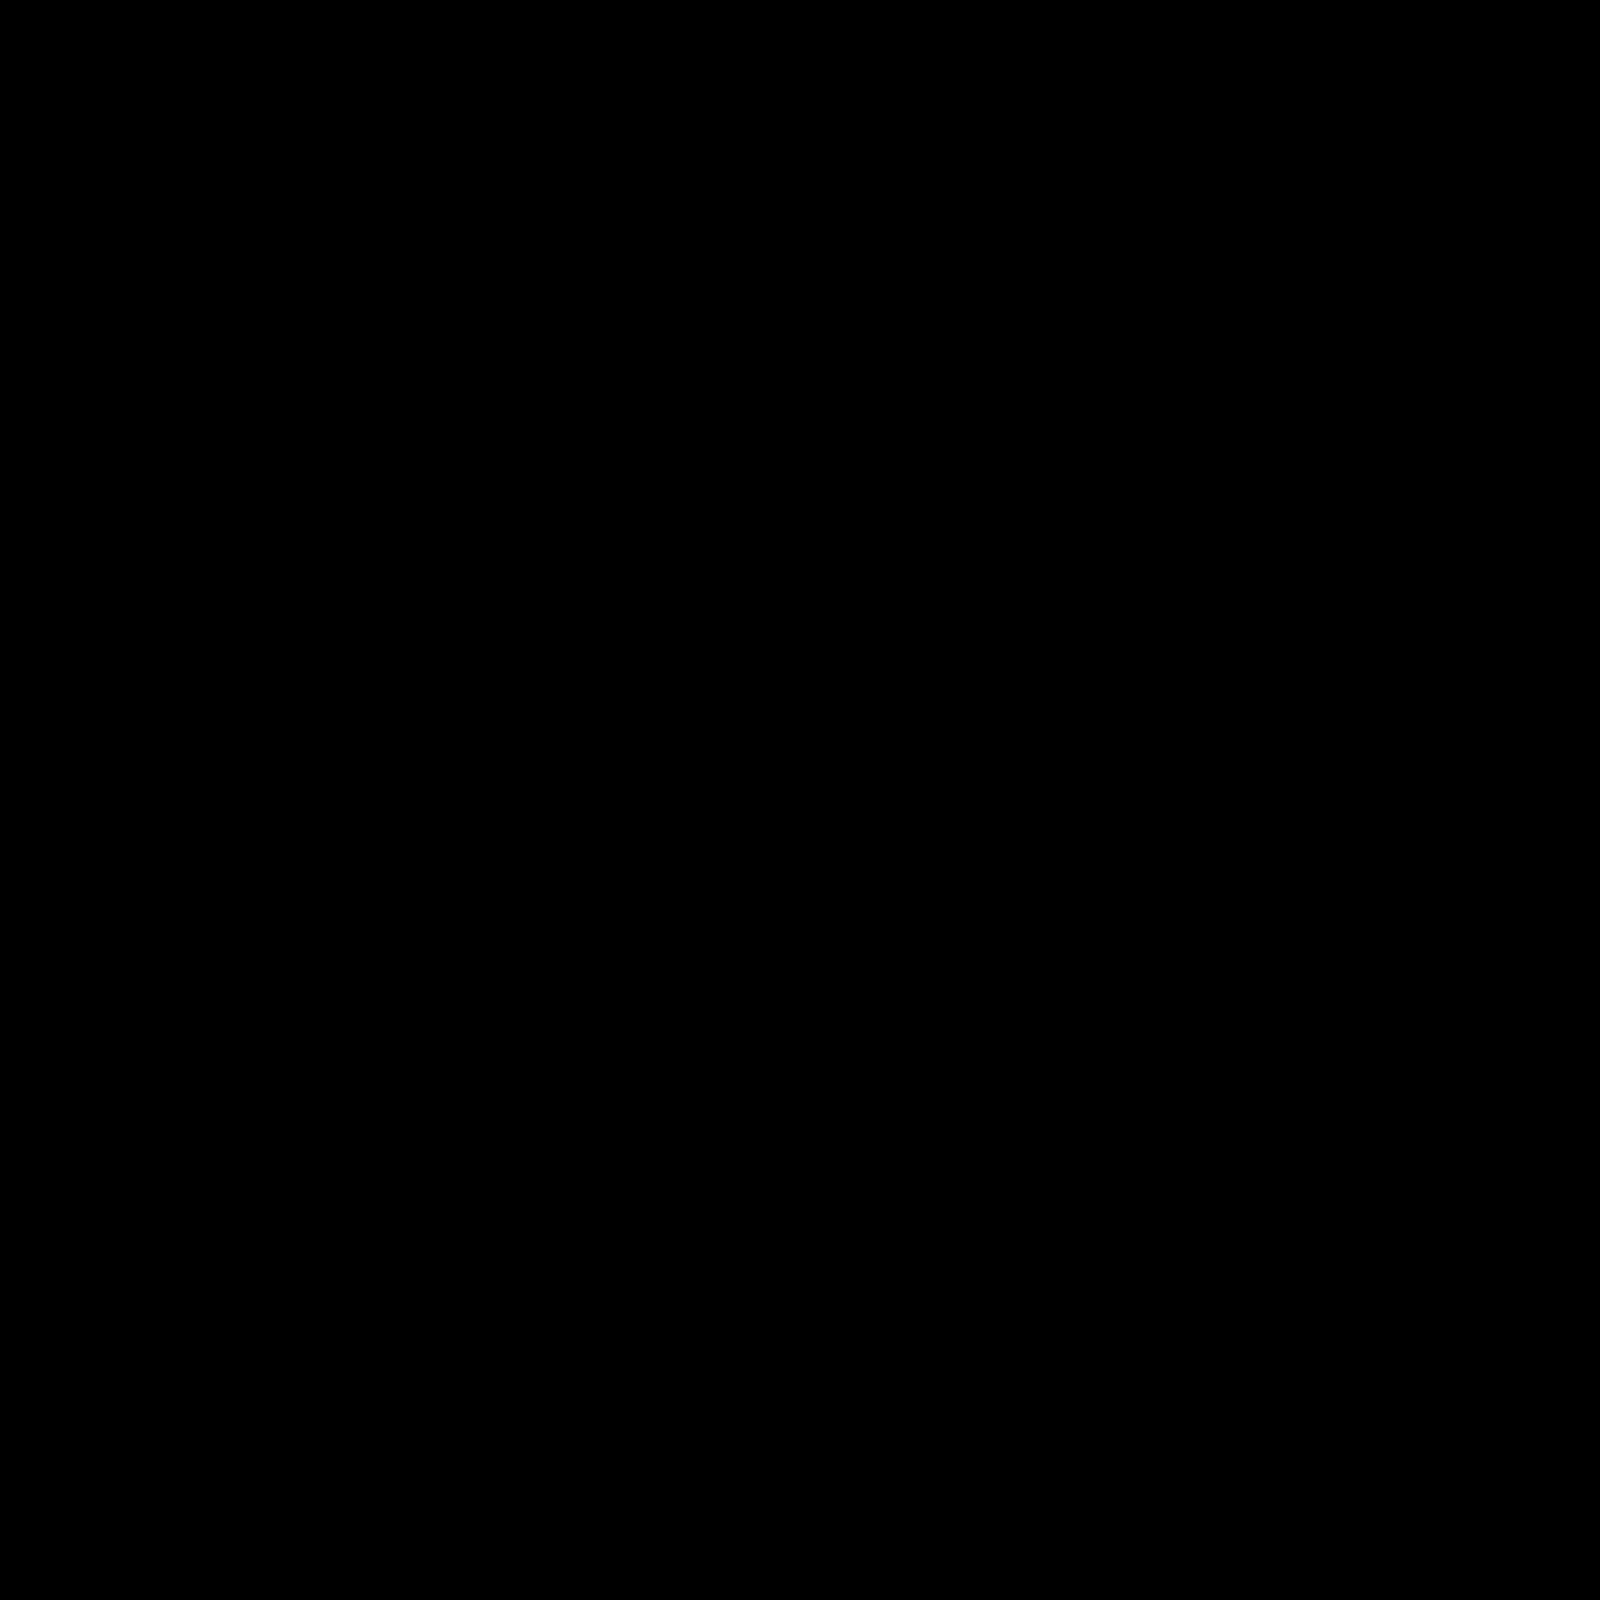 Folder Dokumenty icon